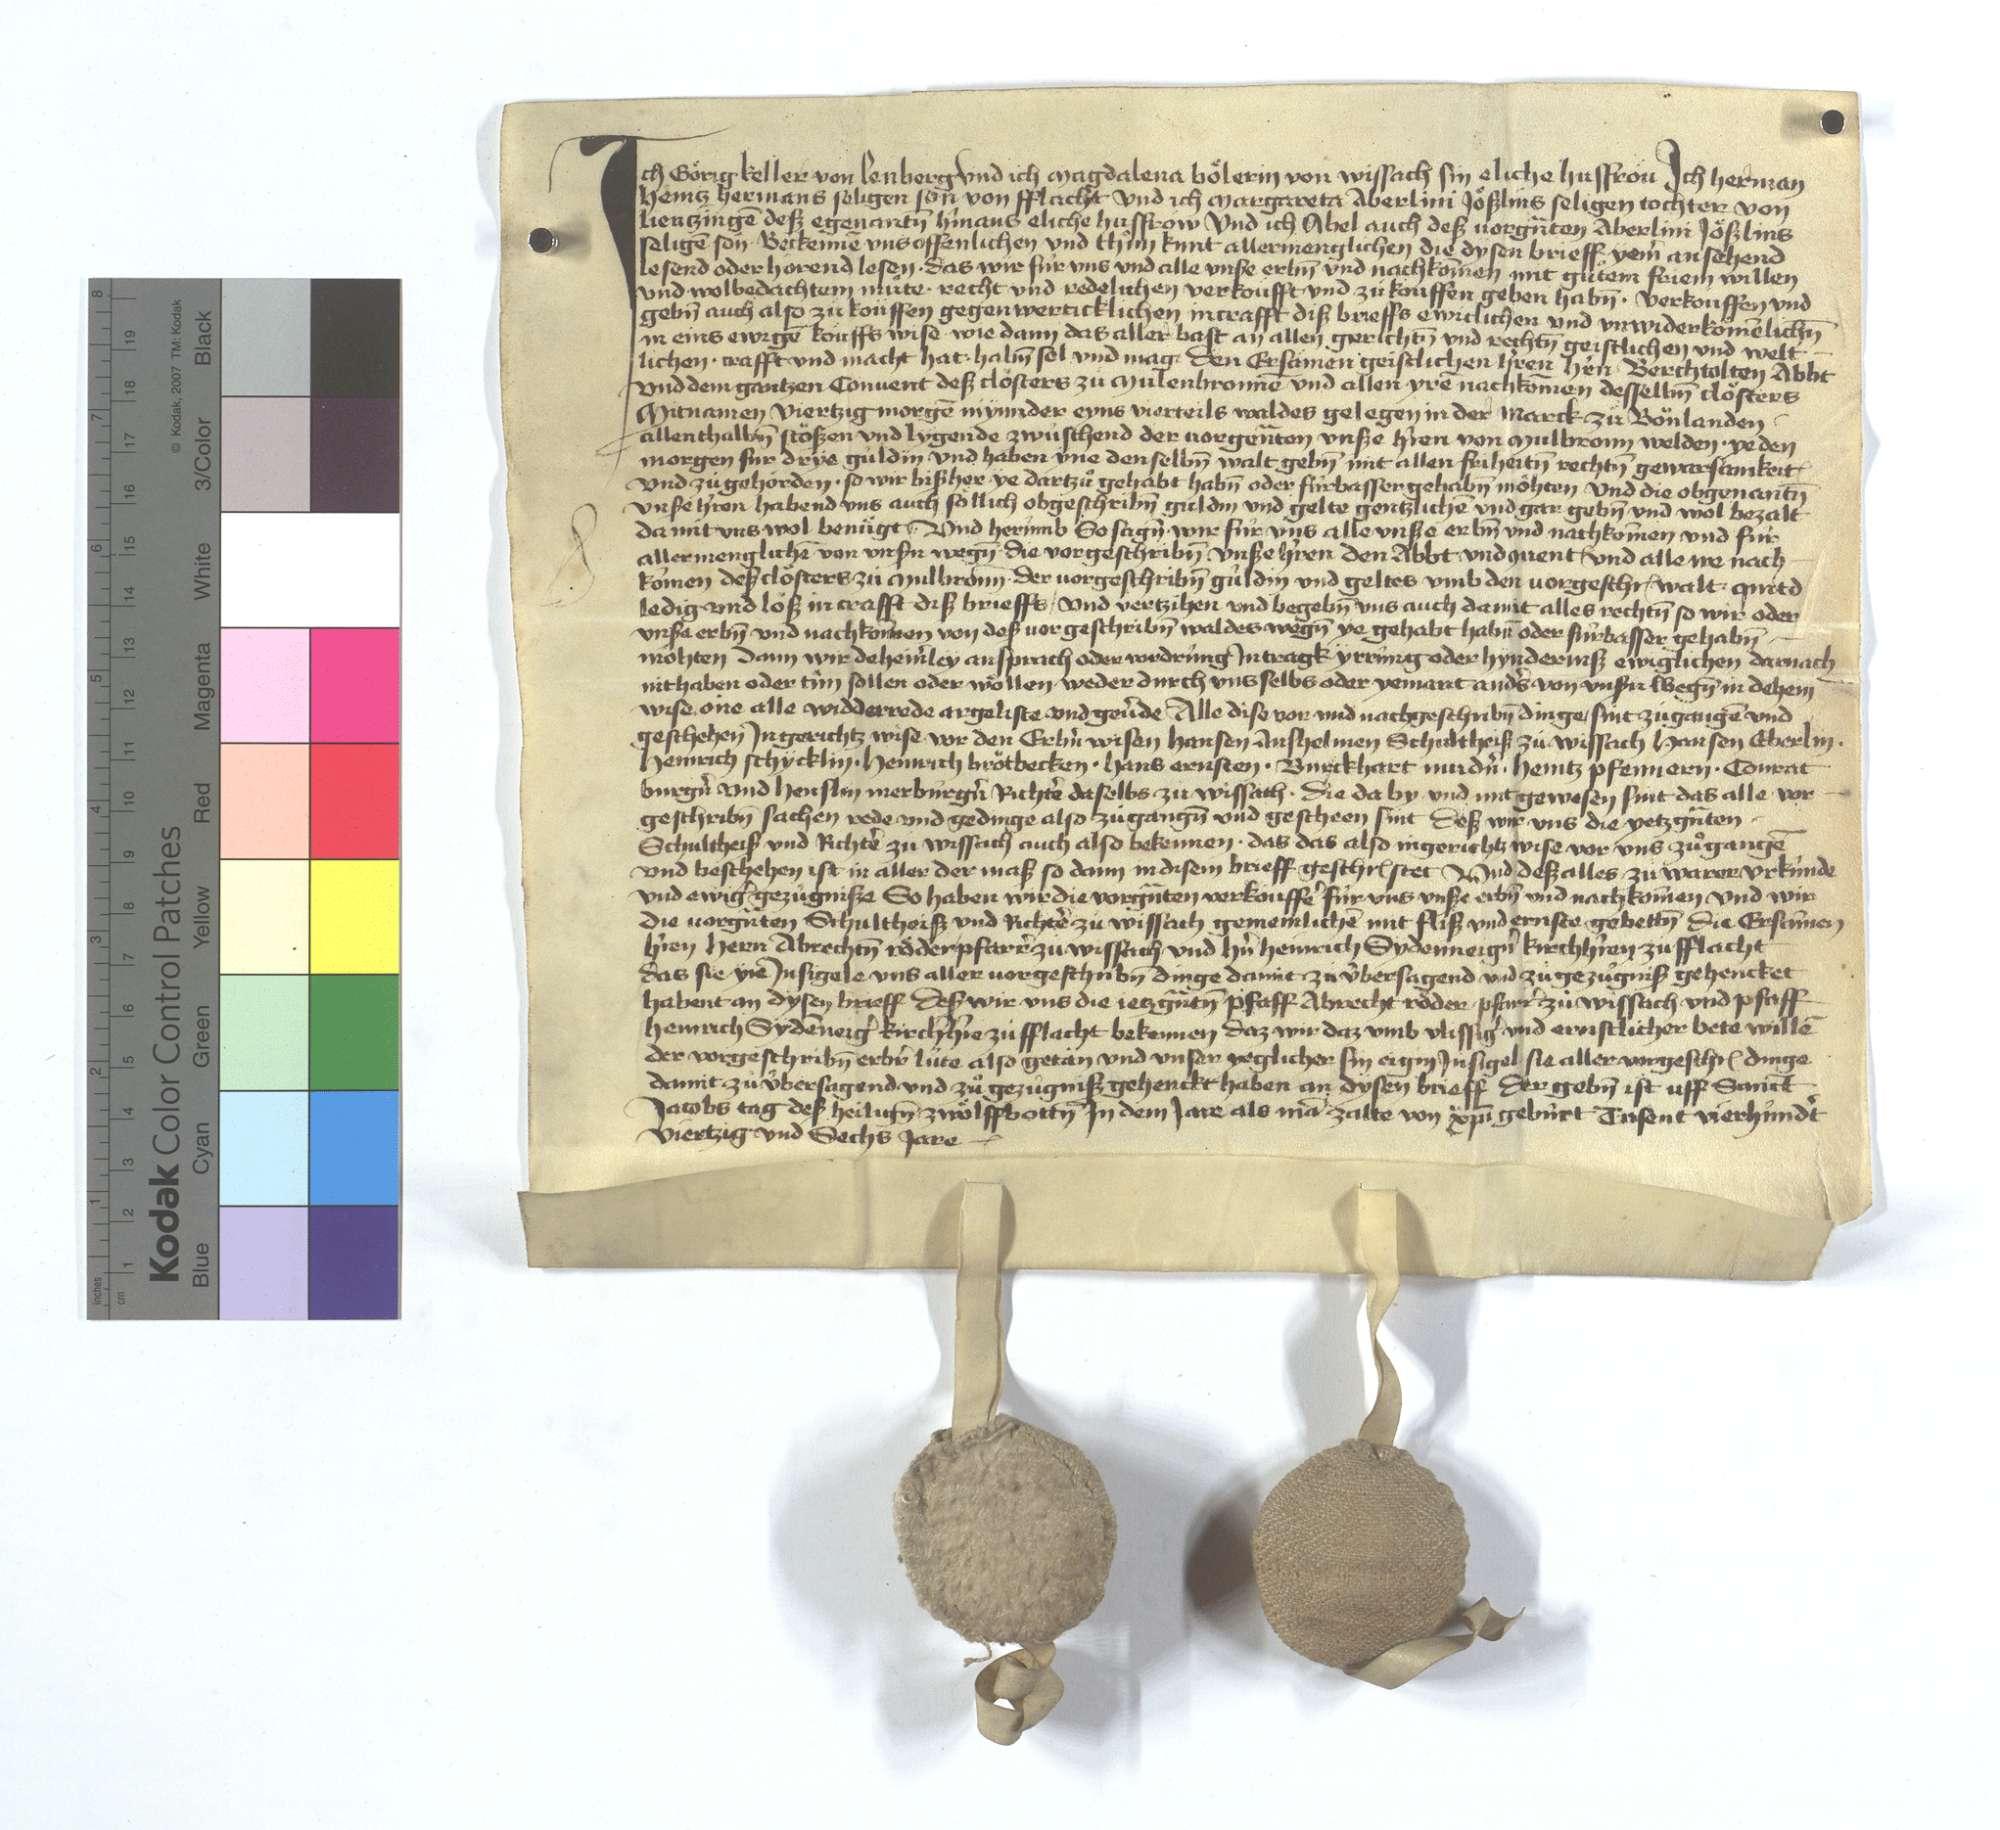 Fertigung um 20 Morgen Wald in Bonlanden, die Georg (Görig) Keller und Konsorten dem Kloster Maulbronn verkauft haben., Text